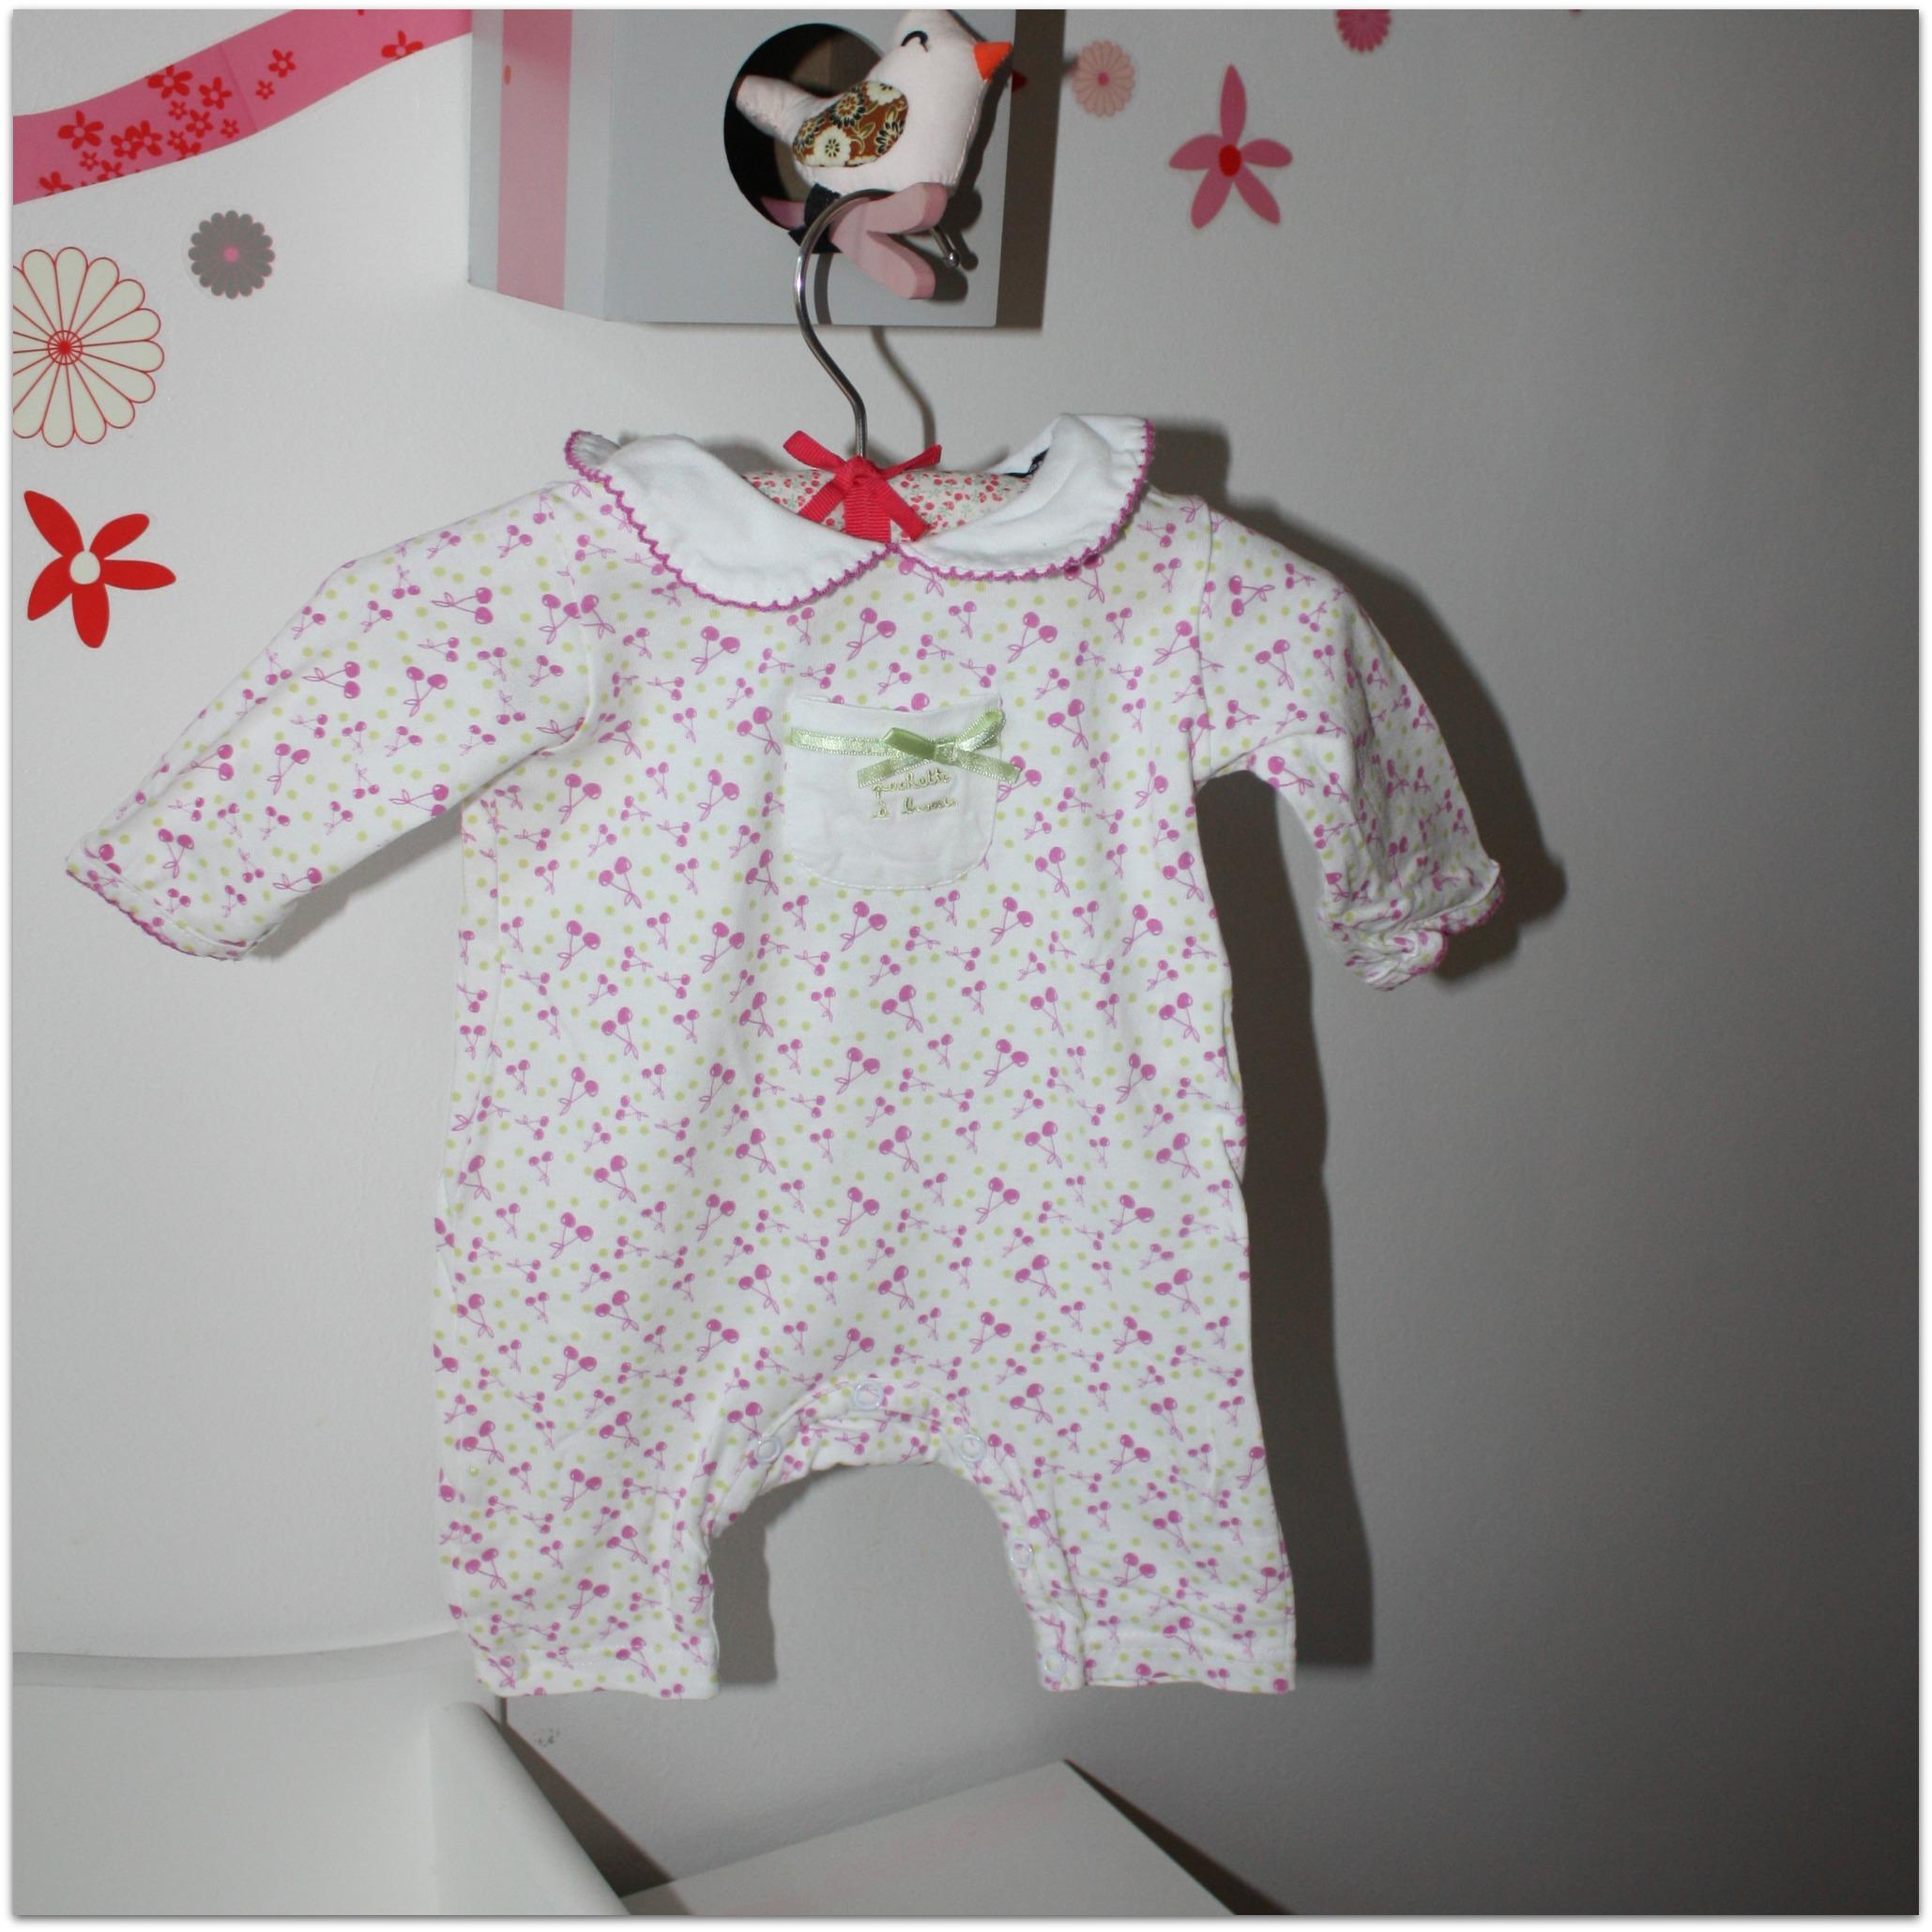 pyjama en coton - Tout compte fait - 1 mois